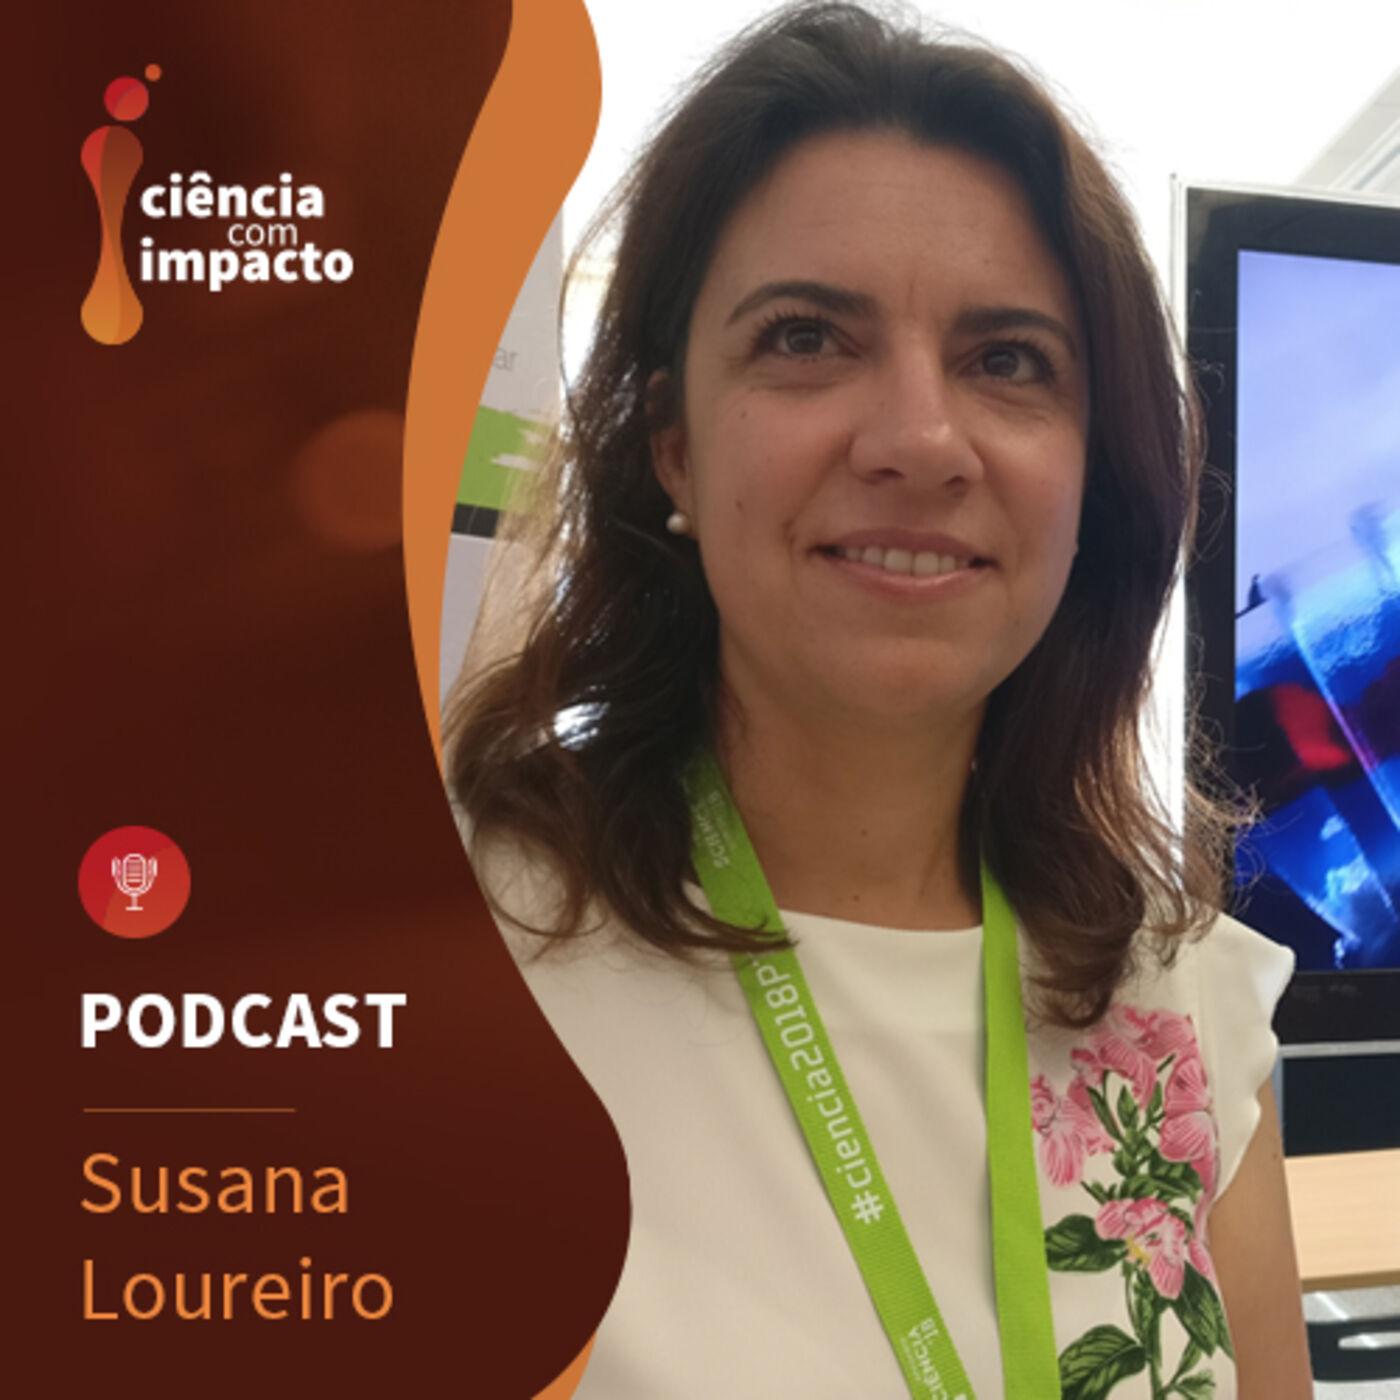 Podcast T2E4: Susana Loureiro - No Mundo do Infinitamente Pequeno